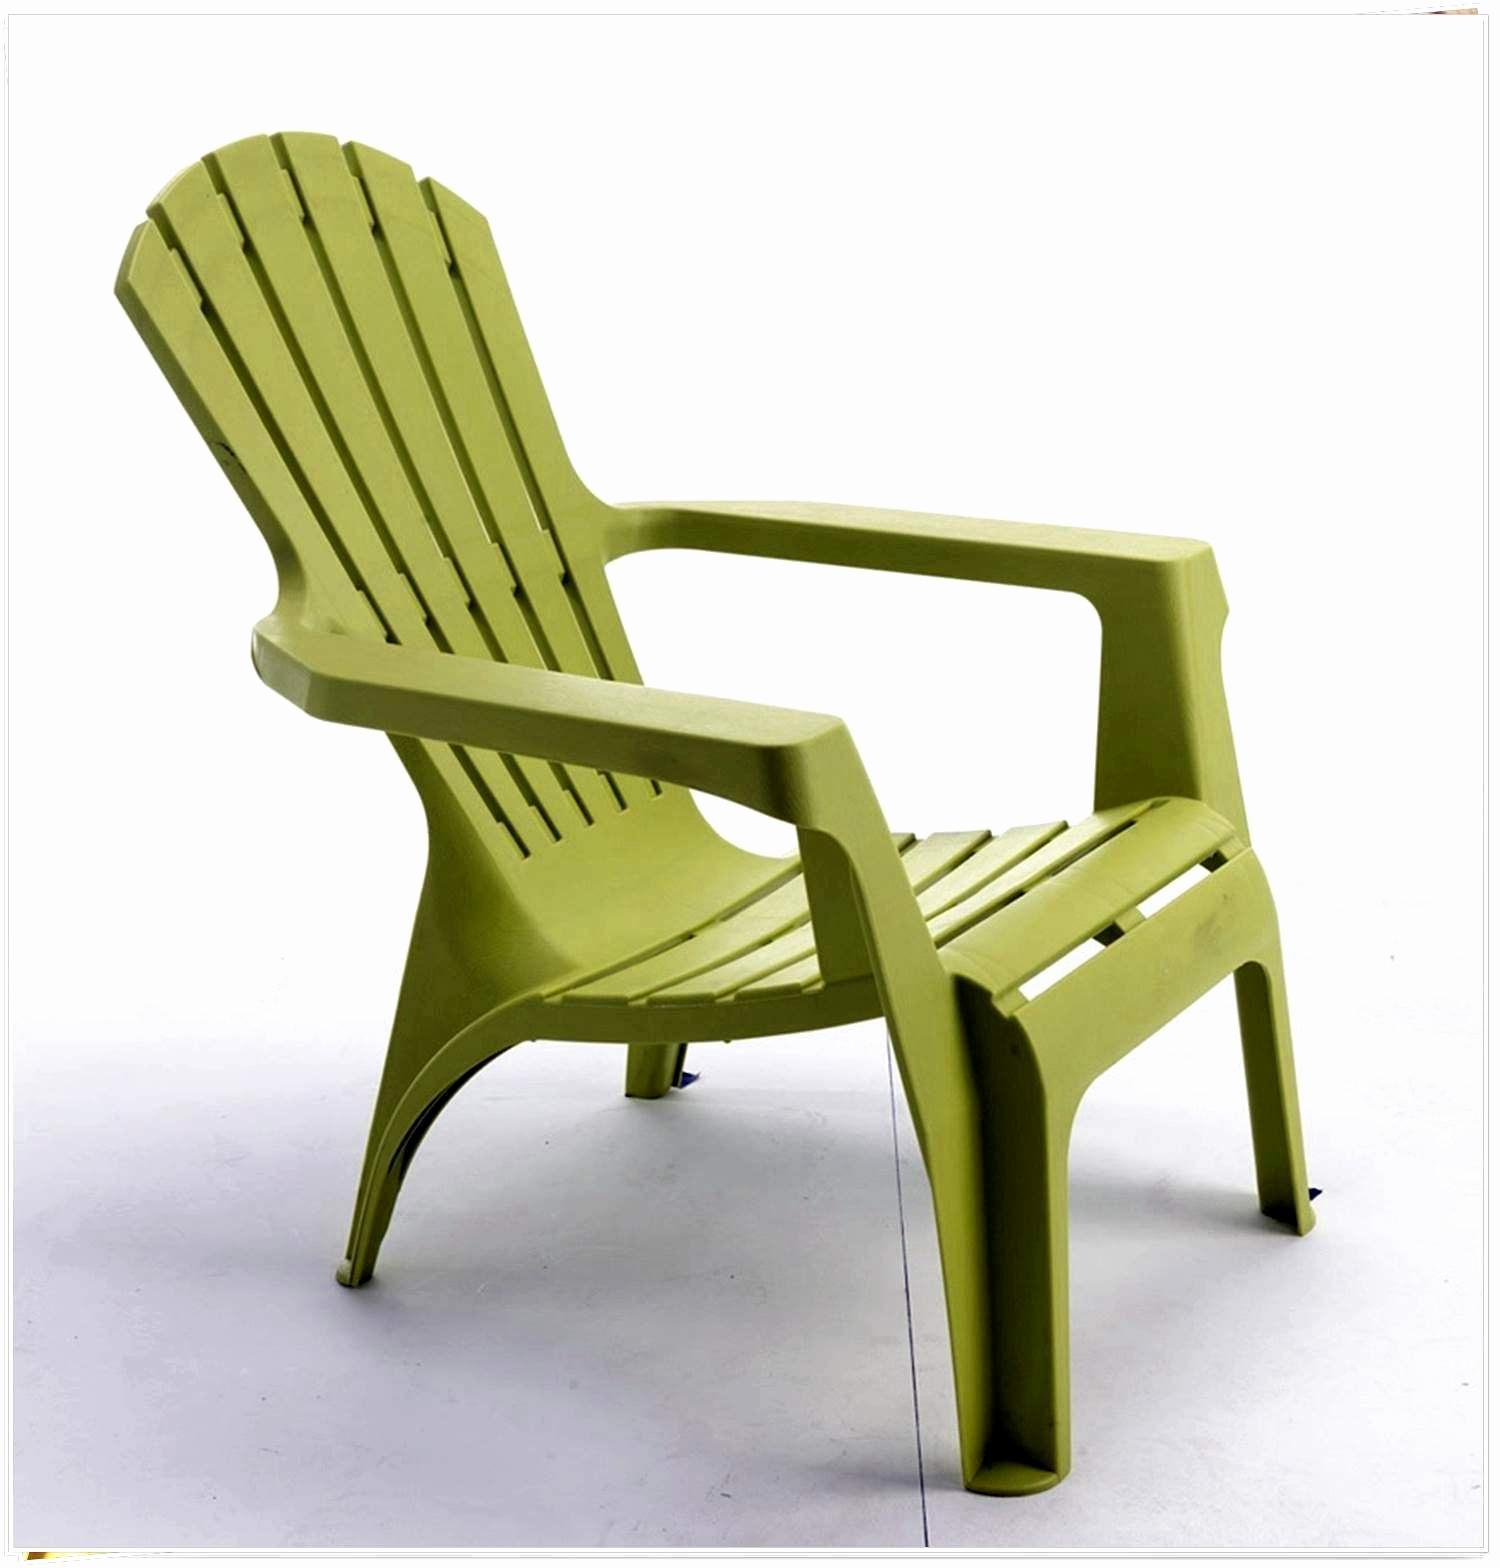 chaise de jardin en bois exotique impressionnant 53 joli salon jardin en bois des of chaise de jardin en bois exotique